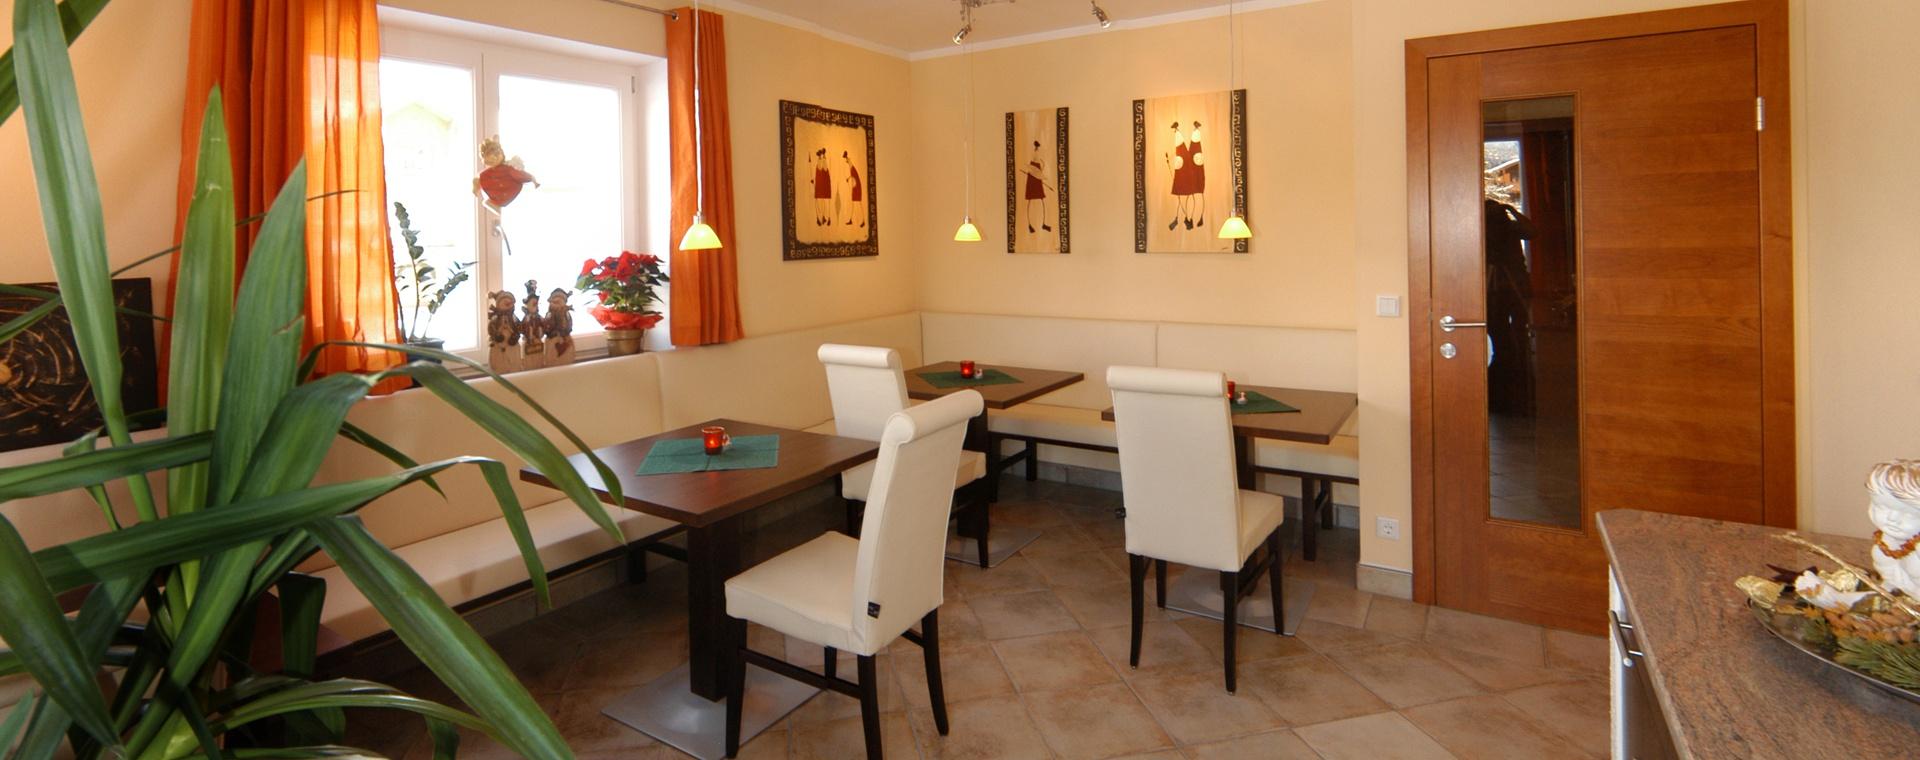 Gästebuch Villa Castelli